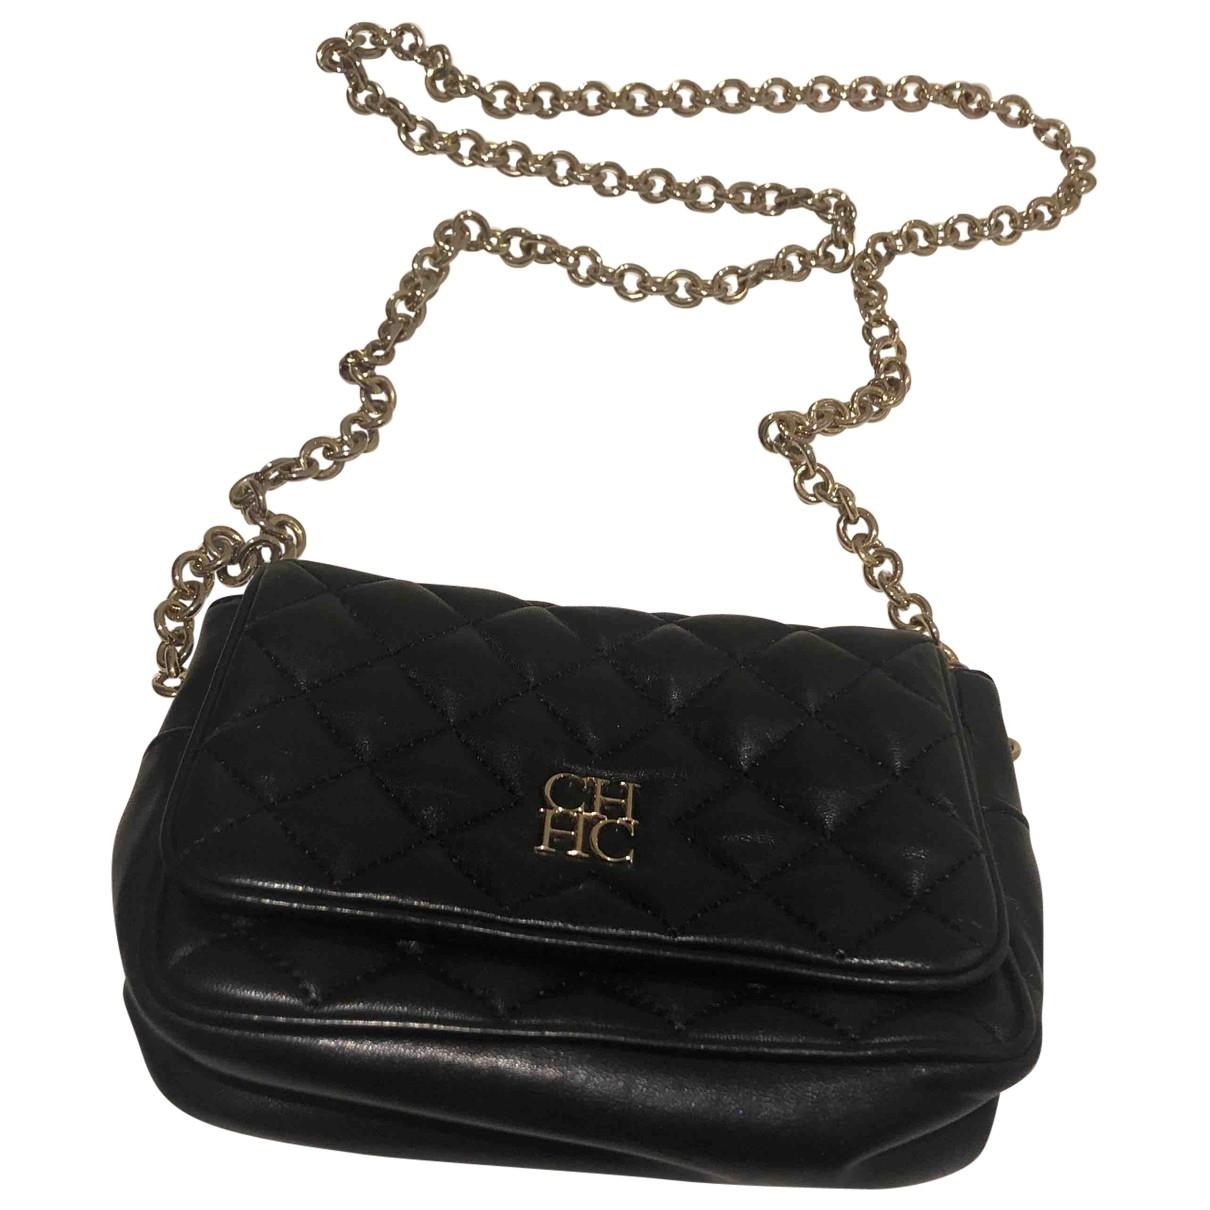 Carolina Herrera \N Black Leather Clutch bag for Women \N